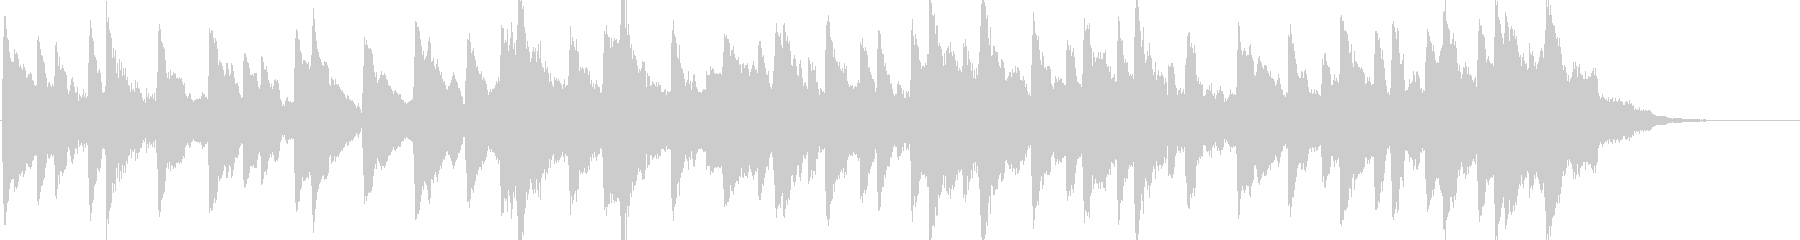 童謡「雪やこんこん」オルゴールbpm96の未再生の波形